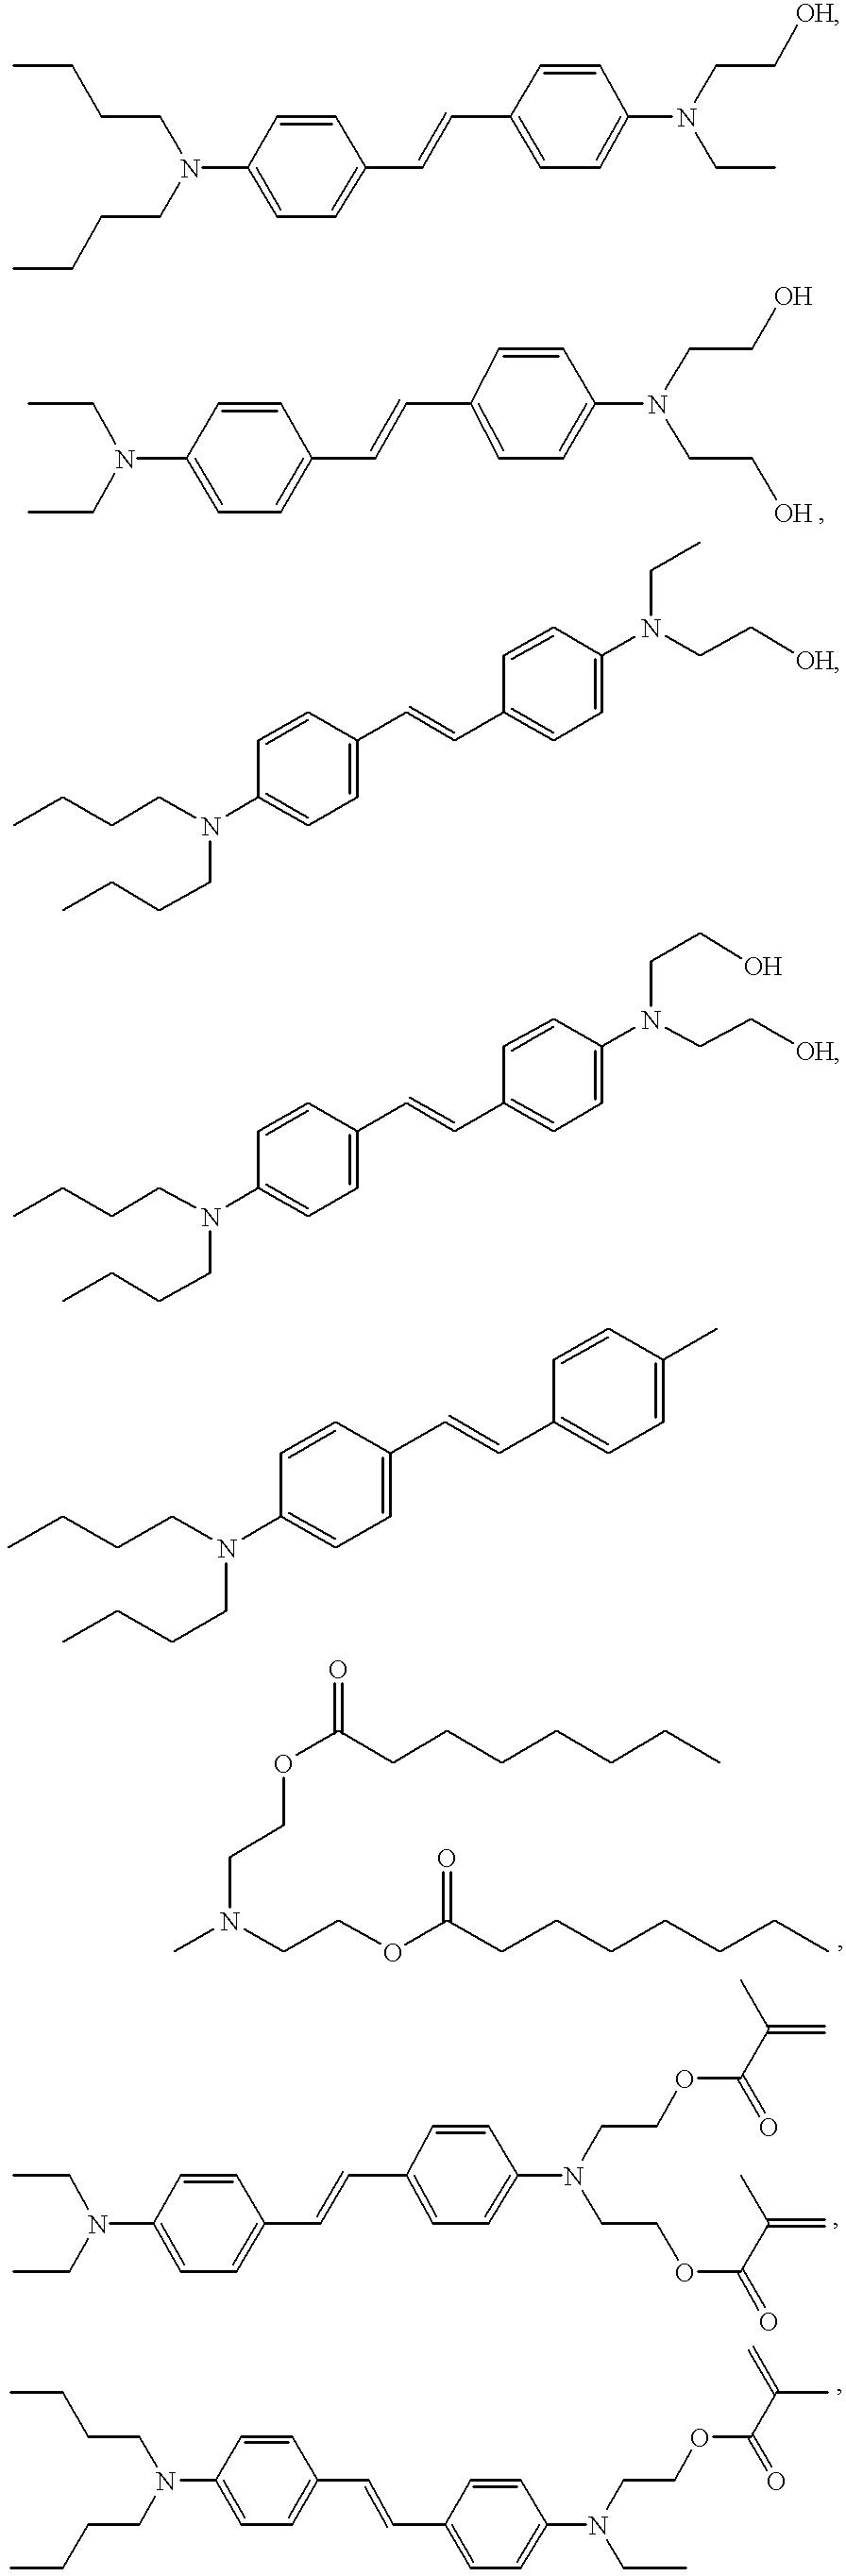 Figure US06267913-20010731-C00137